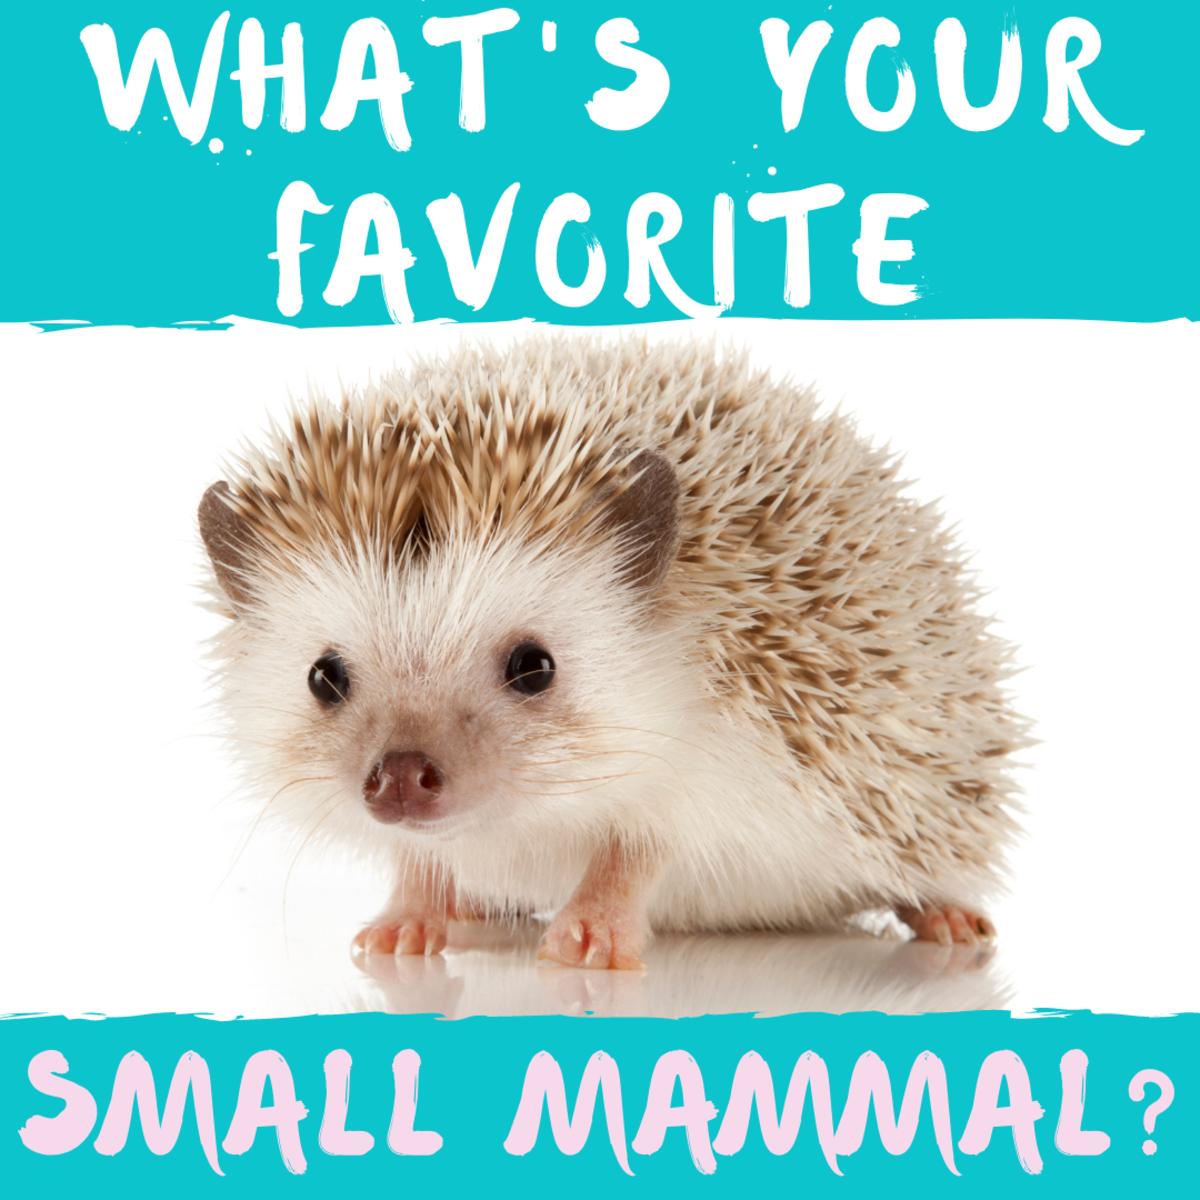 Do you like hedgehogs or guinea pigs?